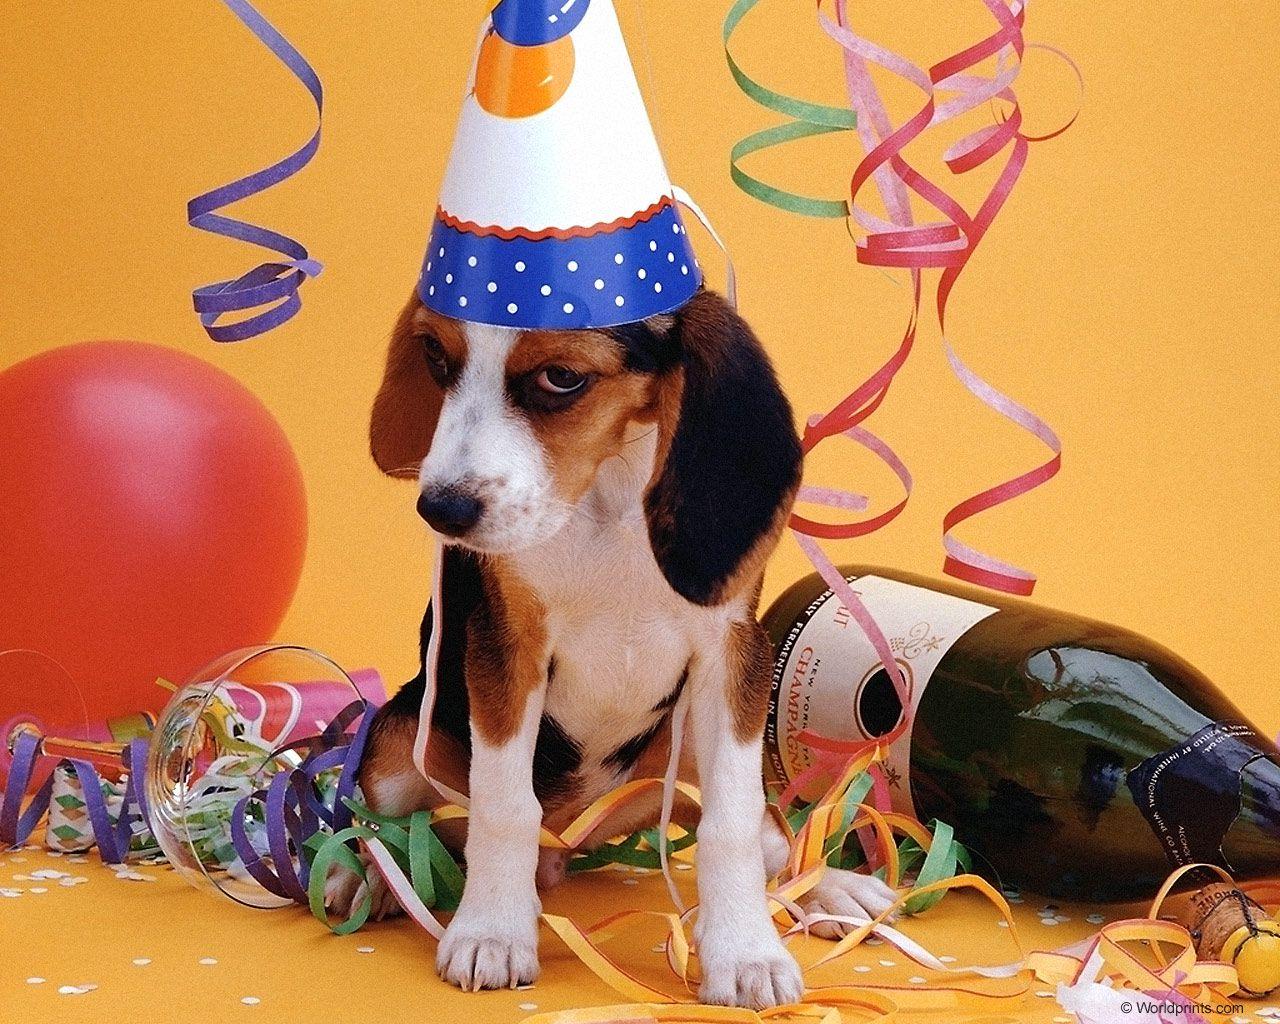 Открытка с новым годом и днем рождения одновременно